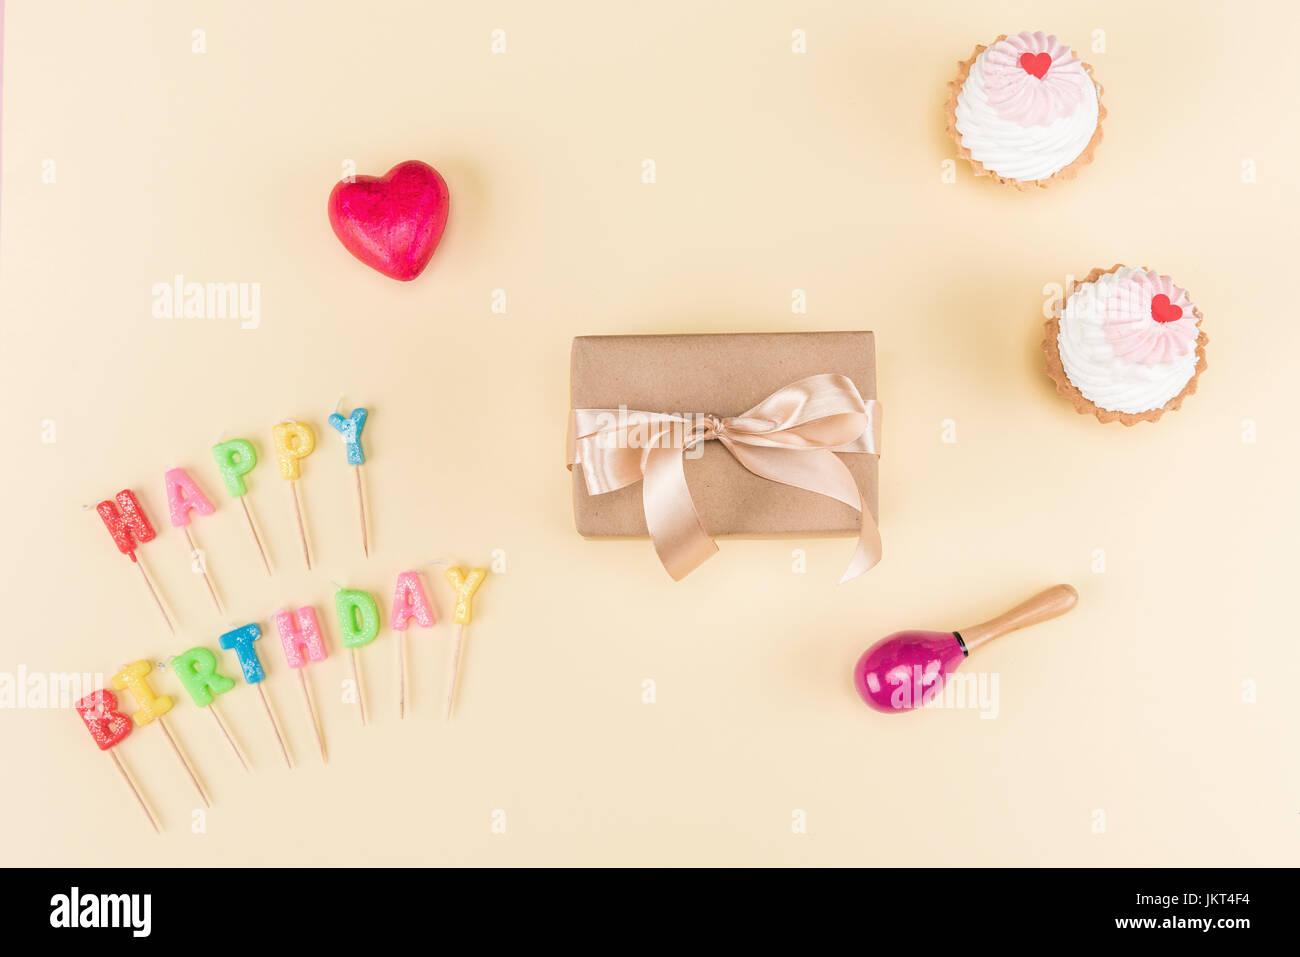 Vue de dessus de joyeux anniversaire lettrage, enveloppe avec du ruban et des petits gâteaux délicieux Photo Stock